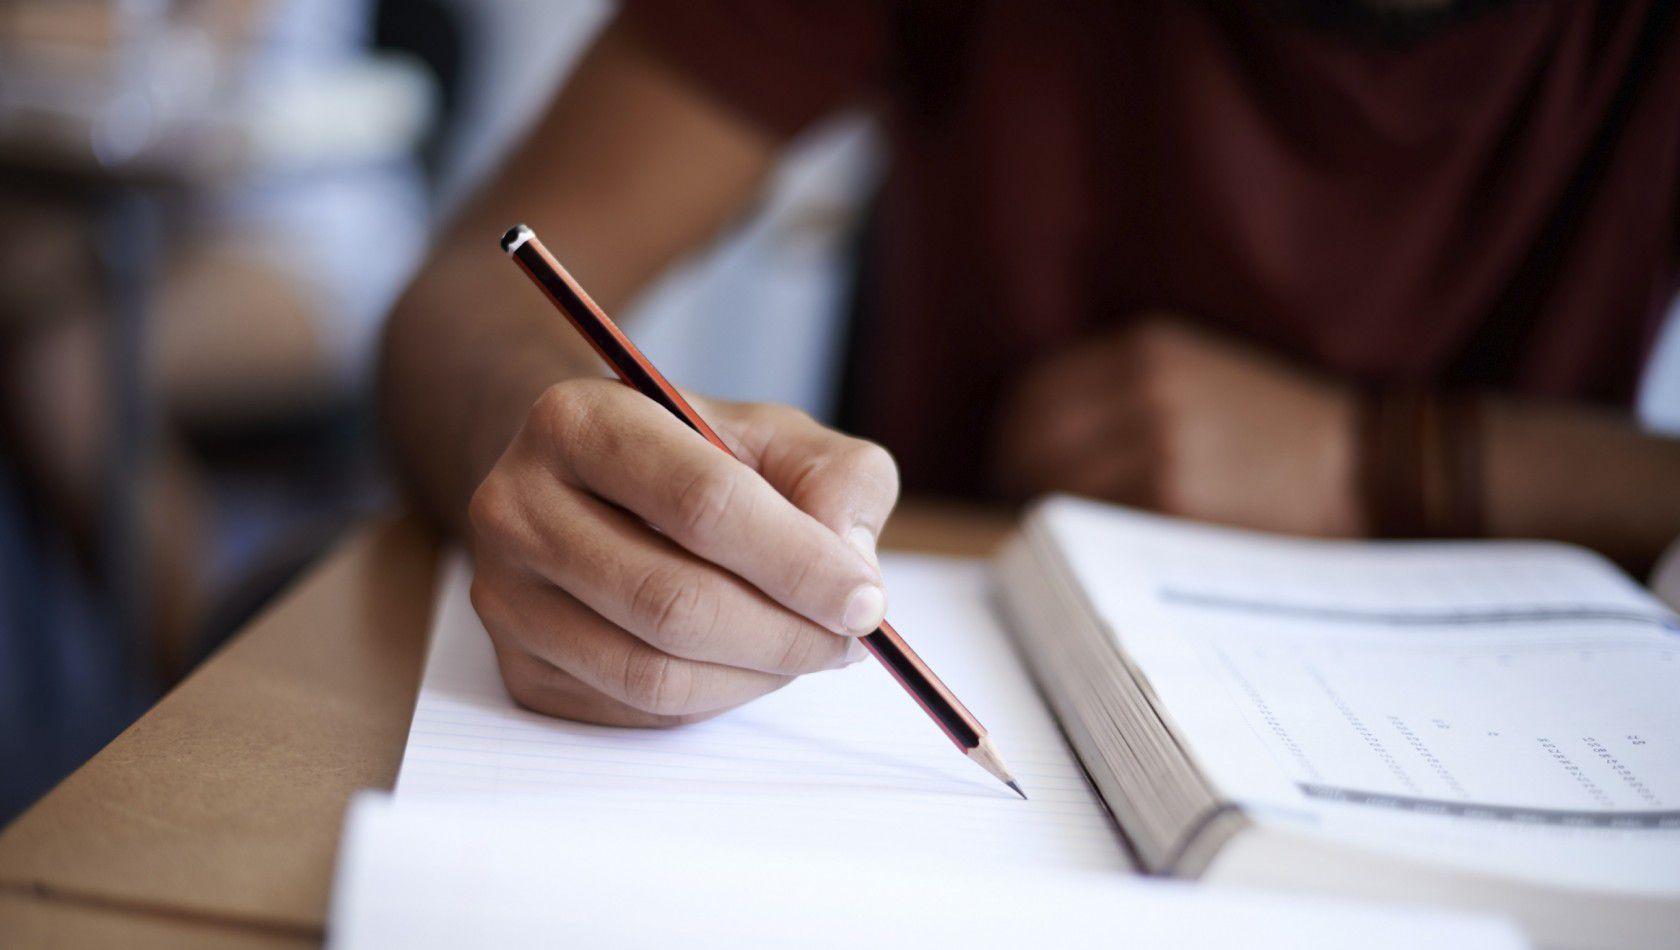 Advanced Placement (AP) Uygulaması Kursu Başlangıç Seviyesi İçerikleri Nelerdir?